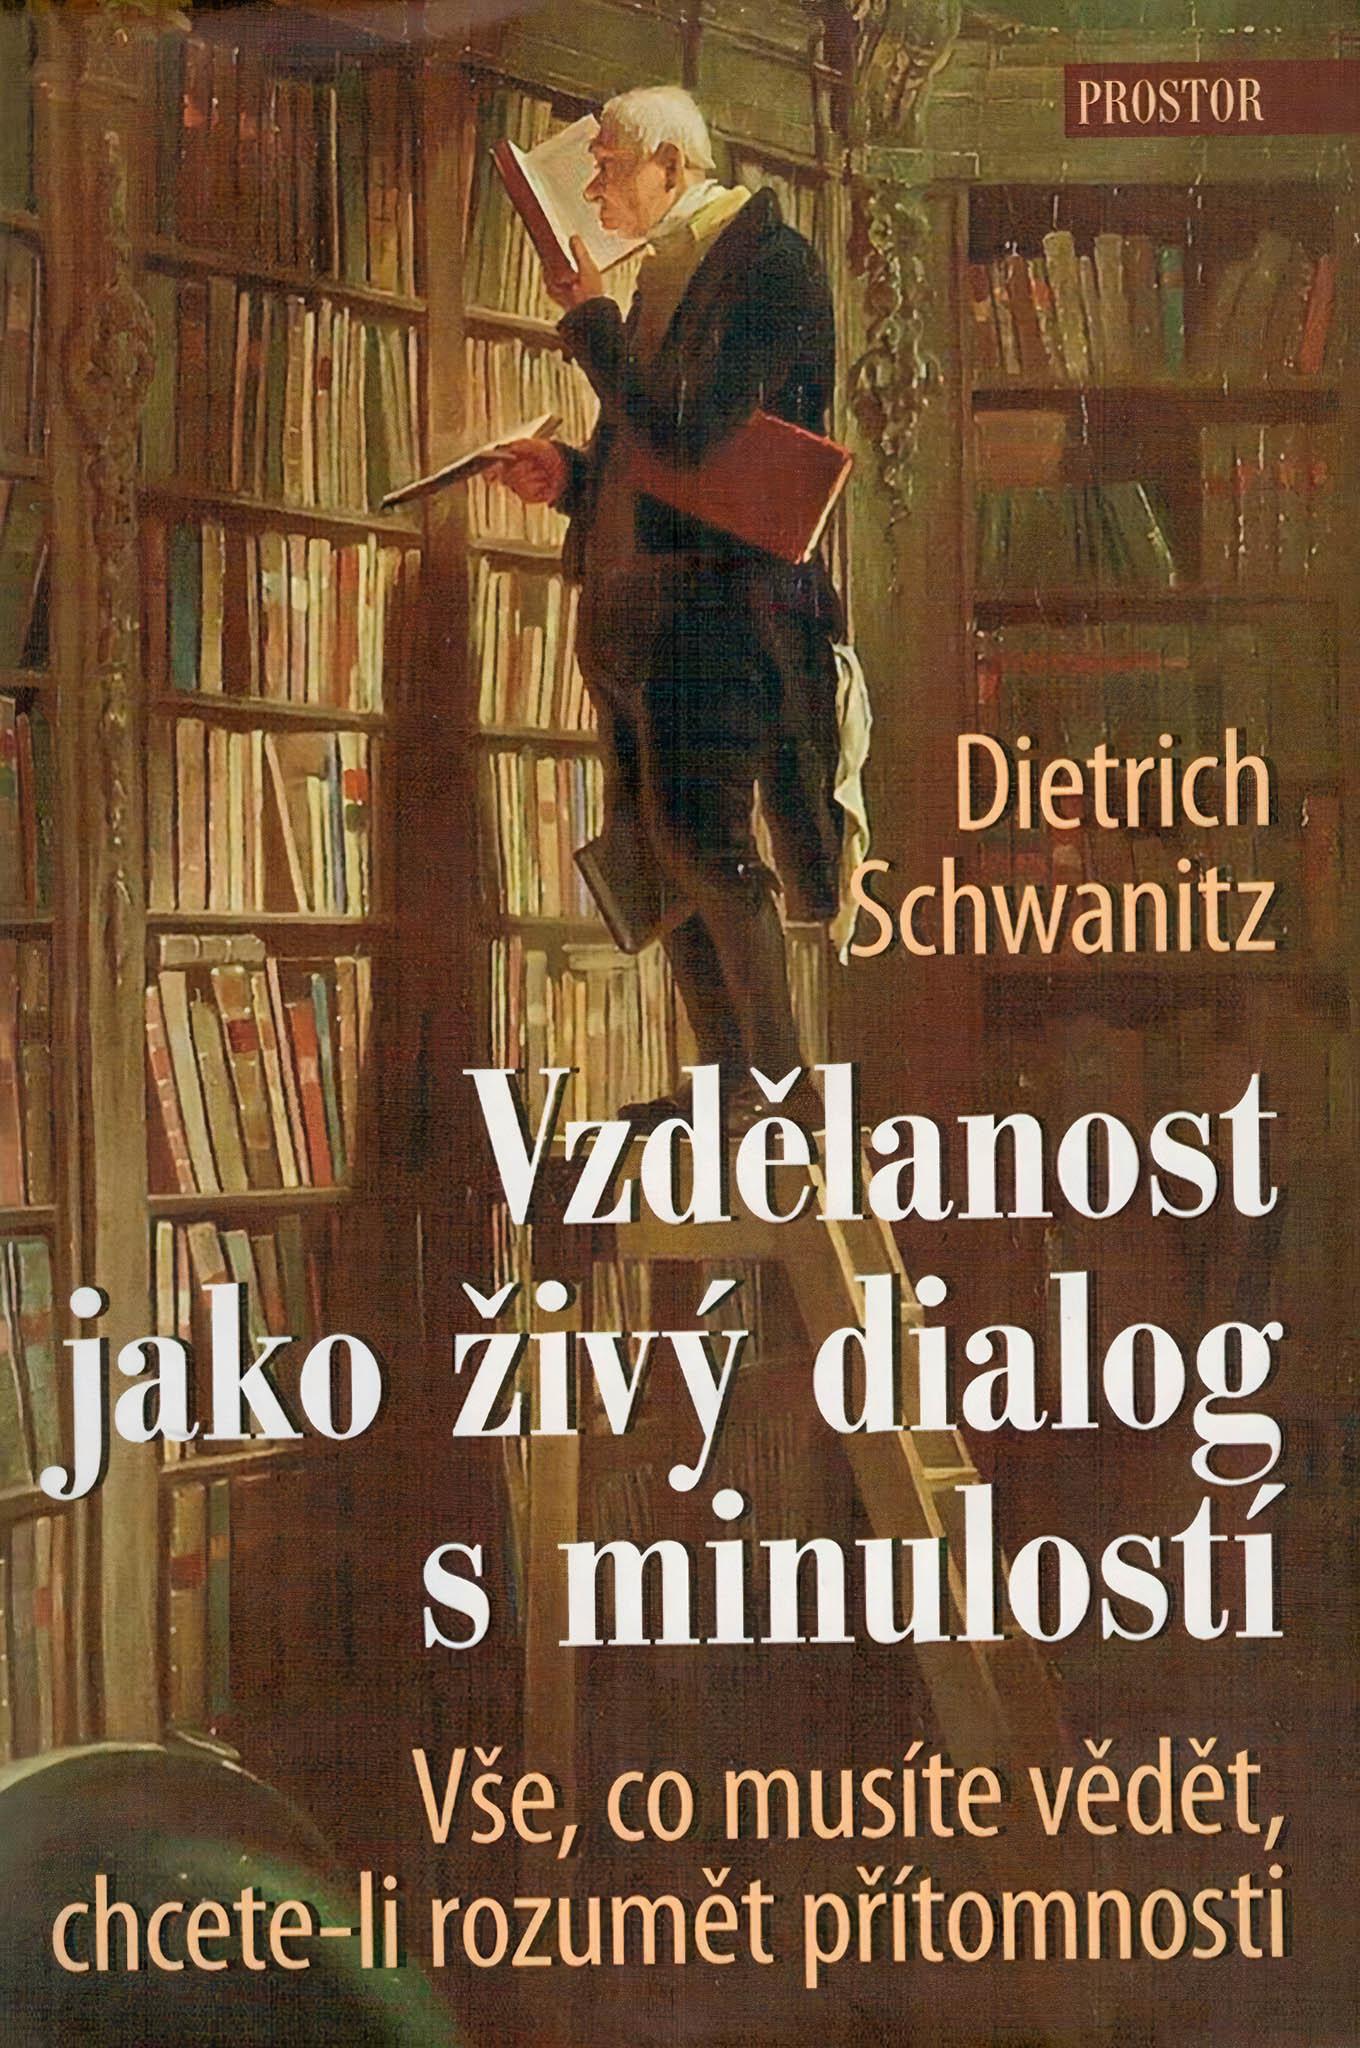 Dietrich Schwanitz: Vzdělanost jako živý dialog sminulostí, Prostor, 2013